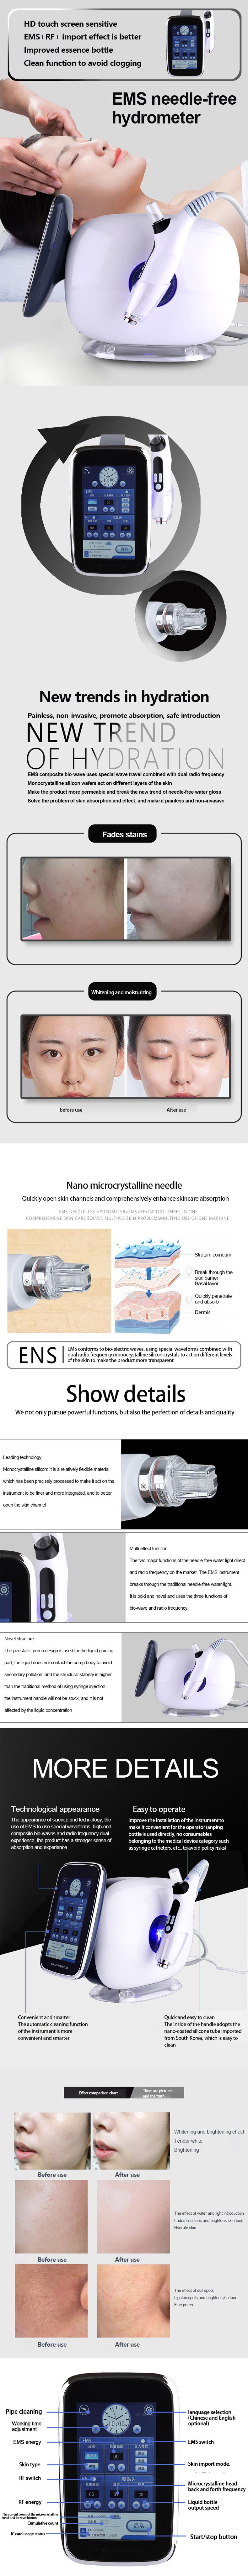 바늘 무료 물 mesotherapy 얼굴 인젝터 기계 electroporation rf ems 마사지 바늘 mesotherapy 장치 분사 총 장치